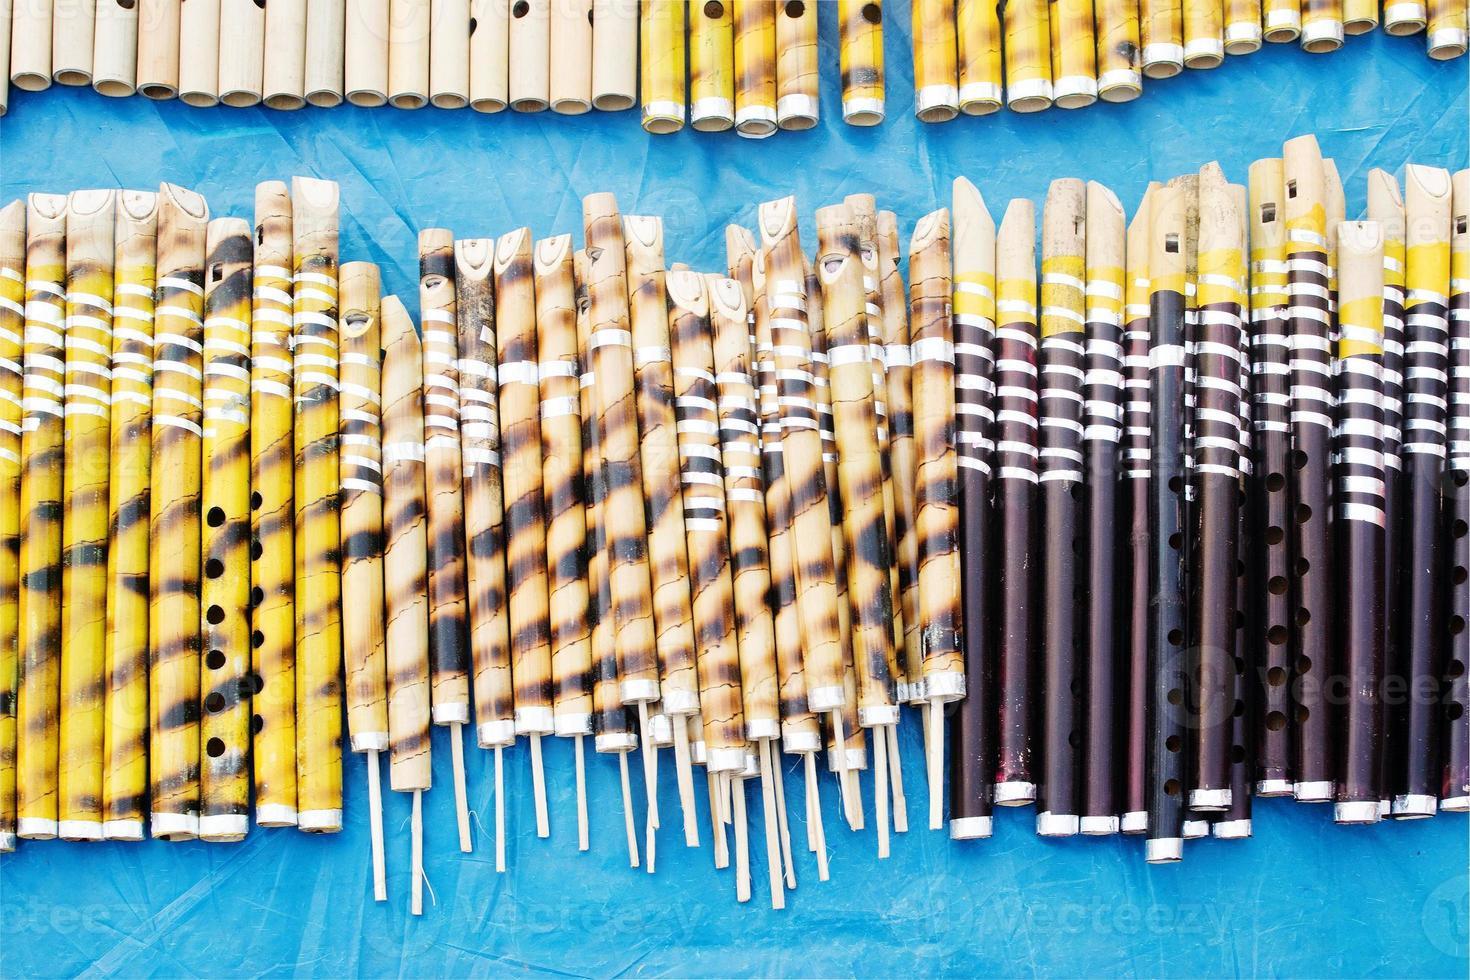 fluiten gemaakt van bamboe, Indiase handwerkbeurs in kolkata foto